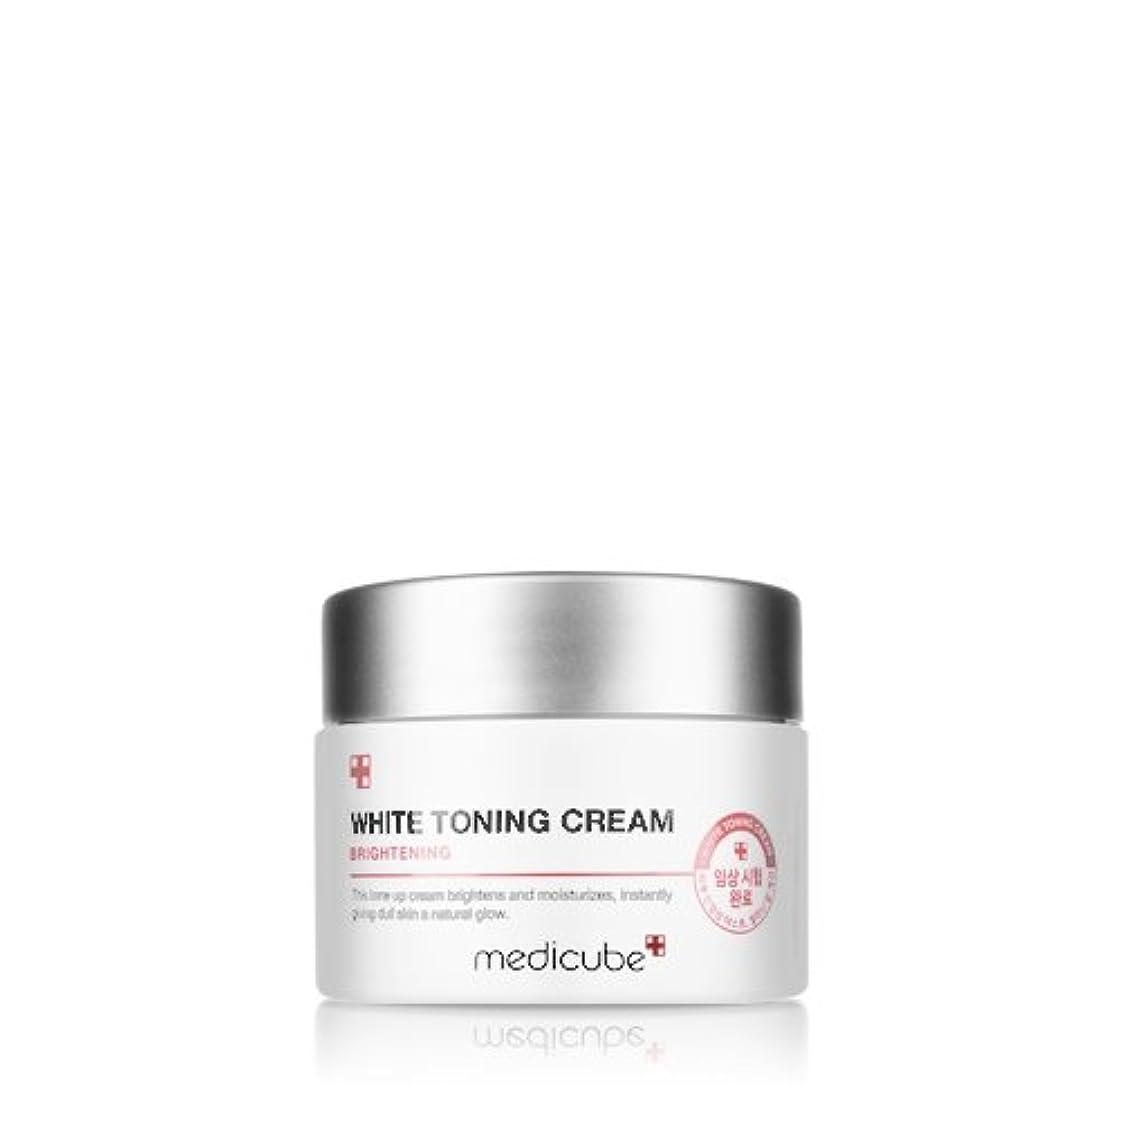 マーチャンダイジング賭け触覚[Medicube] WHITE TONING CREAM / メディキューブ ホワイトトーニングクリーム / 正品?海外直送商品